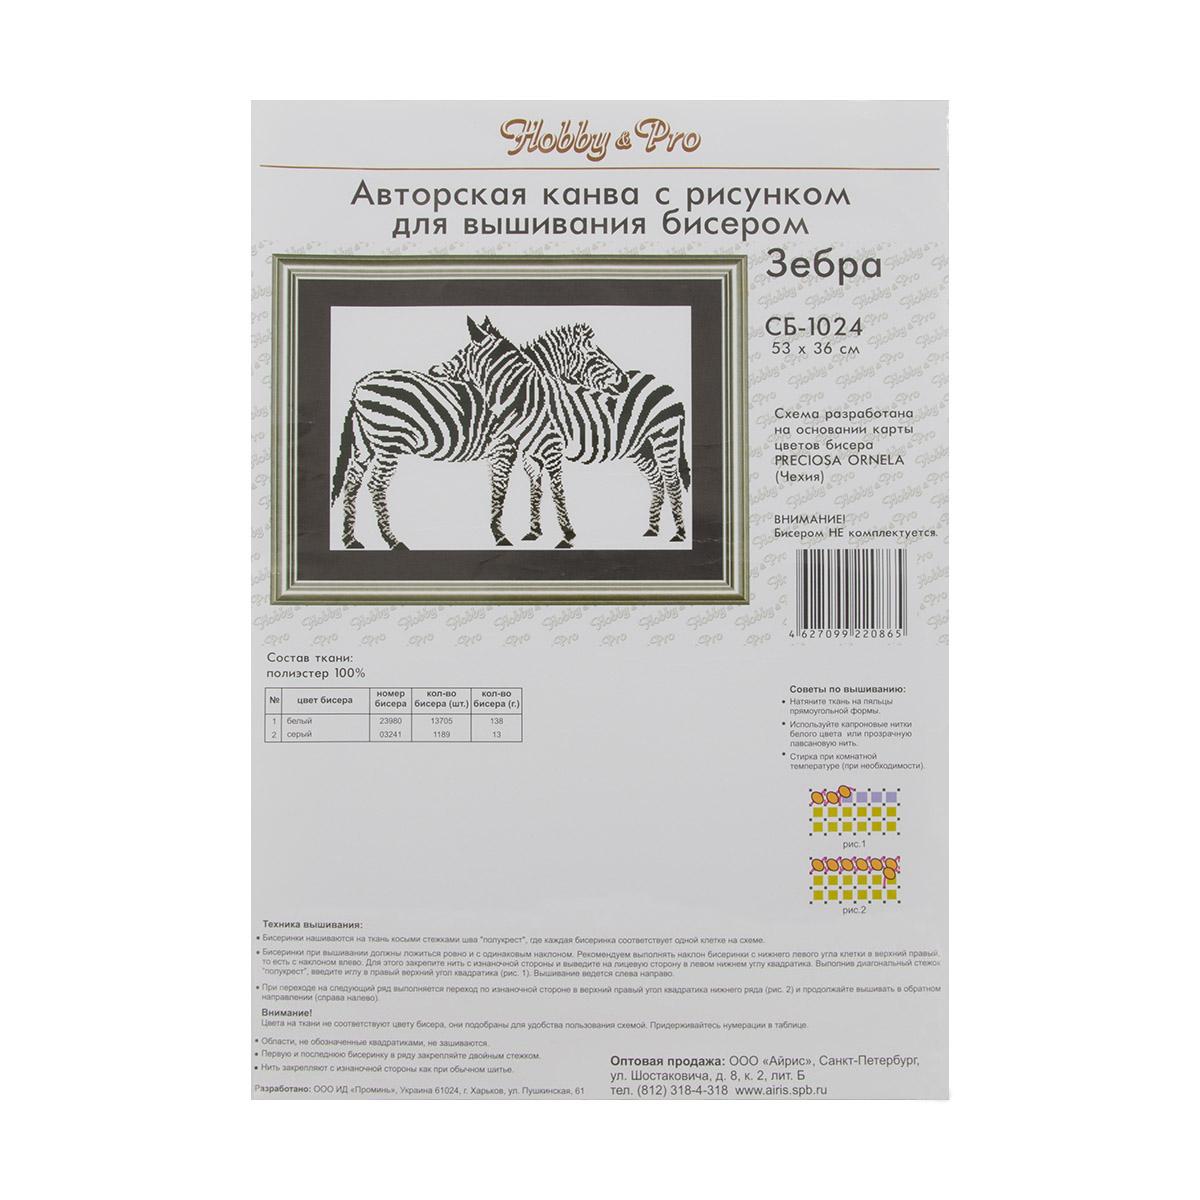 СБ-1024 Канва с рисунком для вышивания бисером 'Зебра' Hobby&Pro 53*36см